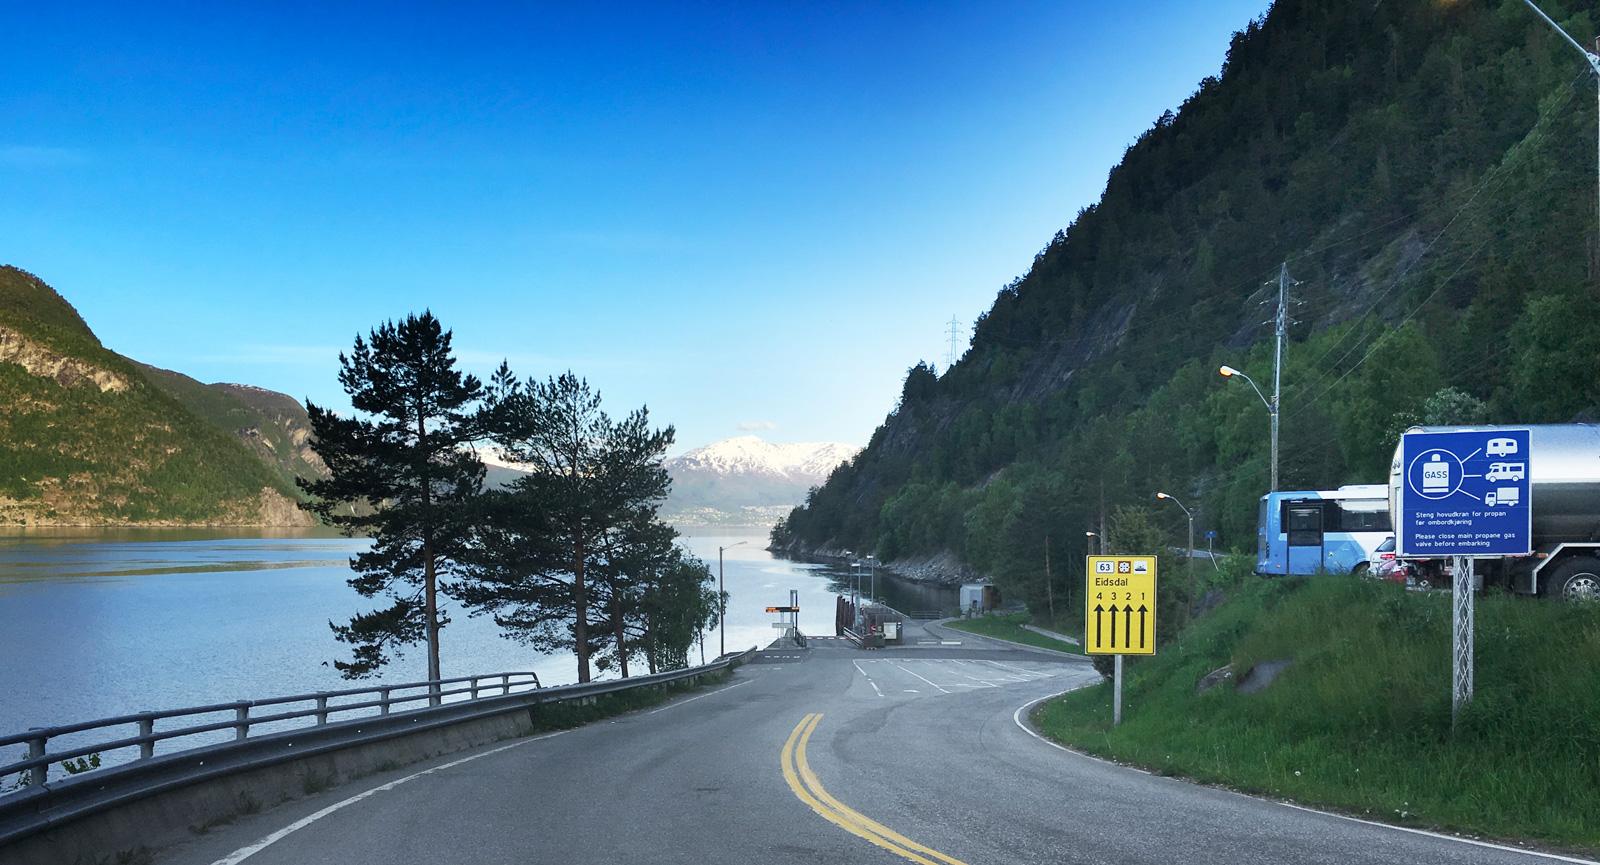 Färden går vidare ned till den vackra färjeöverfarten i Eidsdal, längs sträckan mellan Trollstigen och Geiranger.